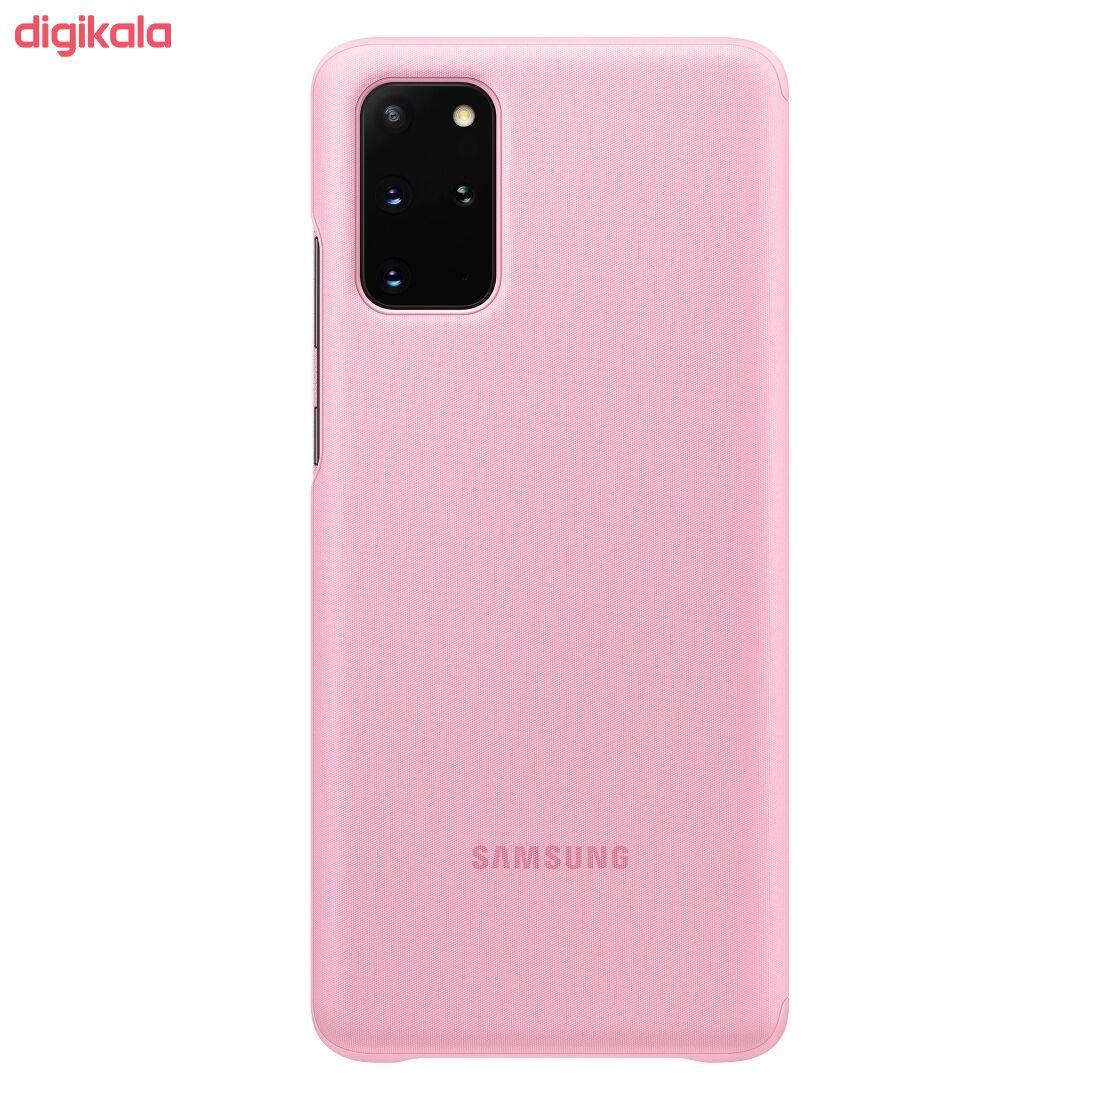 کیف کلاسوری سامسونگ مدل EF-ZG985 مناسب برای گوشی موبایل سامسونگ Galaxy S20 main 1 9